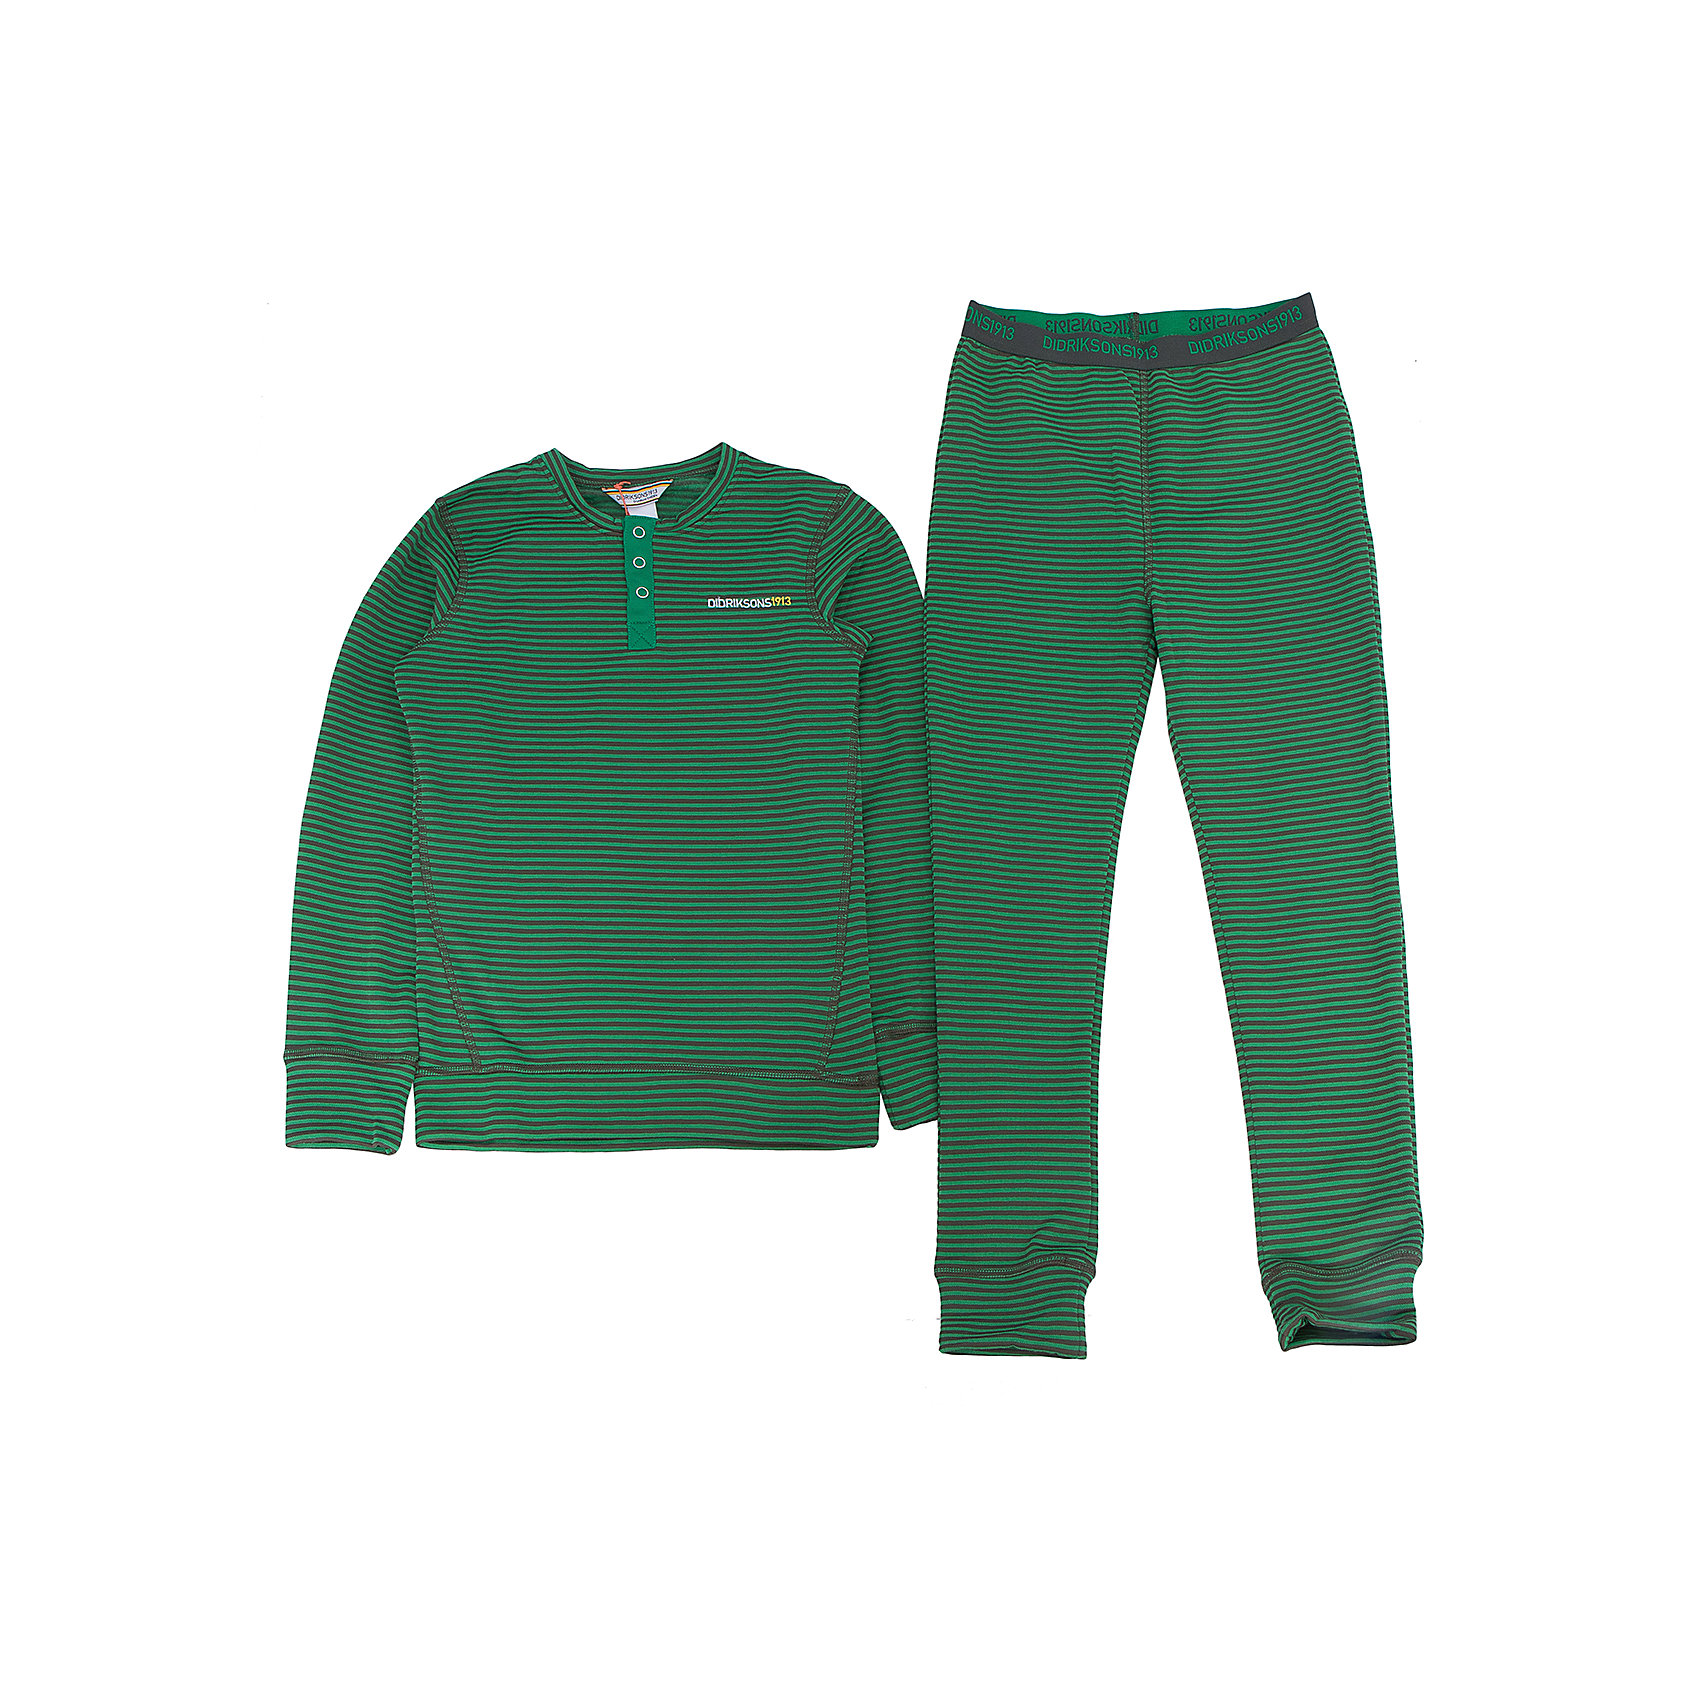 Термобелье Moarri для мальчика DIDRIKSONSХарактеристики товара:<br><br>• цвет: зеленый<br>• материал: 100% полиэстер<br>• трикотаж<br>• комплектация: штаны и рубашка<br>• длинный рукав<br>• мягкий материал<br>• пояс на резинке<br>• манжеты<br>• горловина на пуговицах<br>• страна бренда: Швеция<br>• страна производства: Китай<br><br>Такой комплект понадобится в холодную и сырую погоду! Он не только очень теплый, но еще и очень комфортный. Комплект обеспечит ребенку удобство при прогулках и активном отдыхе в холода. Такая модель от шведского производителя легко стирается.<br>Материал комплета - легкий трикотаж, который обладает отличными теплоизоляционными свойствами и приятен на ощупь. Очень стильная и удобная модель! Изделие качественно выполнено, сделано из безопасных для детей материалов. <br><br>Термобелье для мальчика от бренда DIDRIKSONS можно купить в нашем интернет-магазине.<br><br>Ширина мм: 356<br>Глубина мм: 10<br>Высота мм: 245<br>Вес г: 519<br>Цвет: зеленый<br>Возраст от месяцев: 48<br>Возраст до месяцев: 60<br>Пол: Мужской<br>Возраст: Детский<br>Размер: 110,140,100,120,130<br>SKU: 5212646